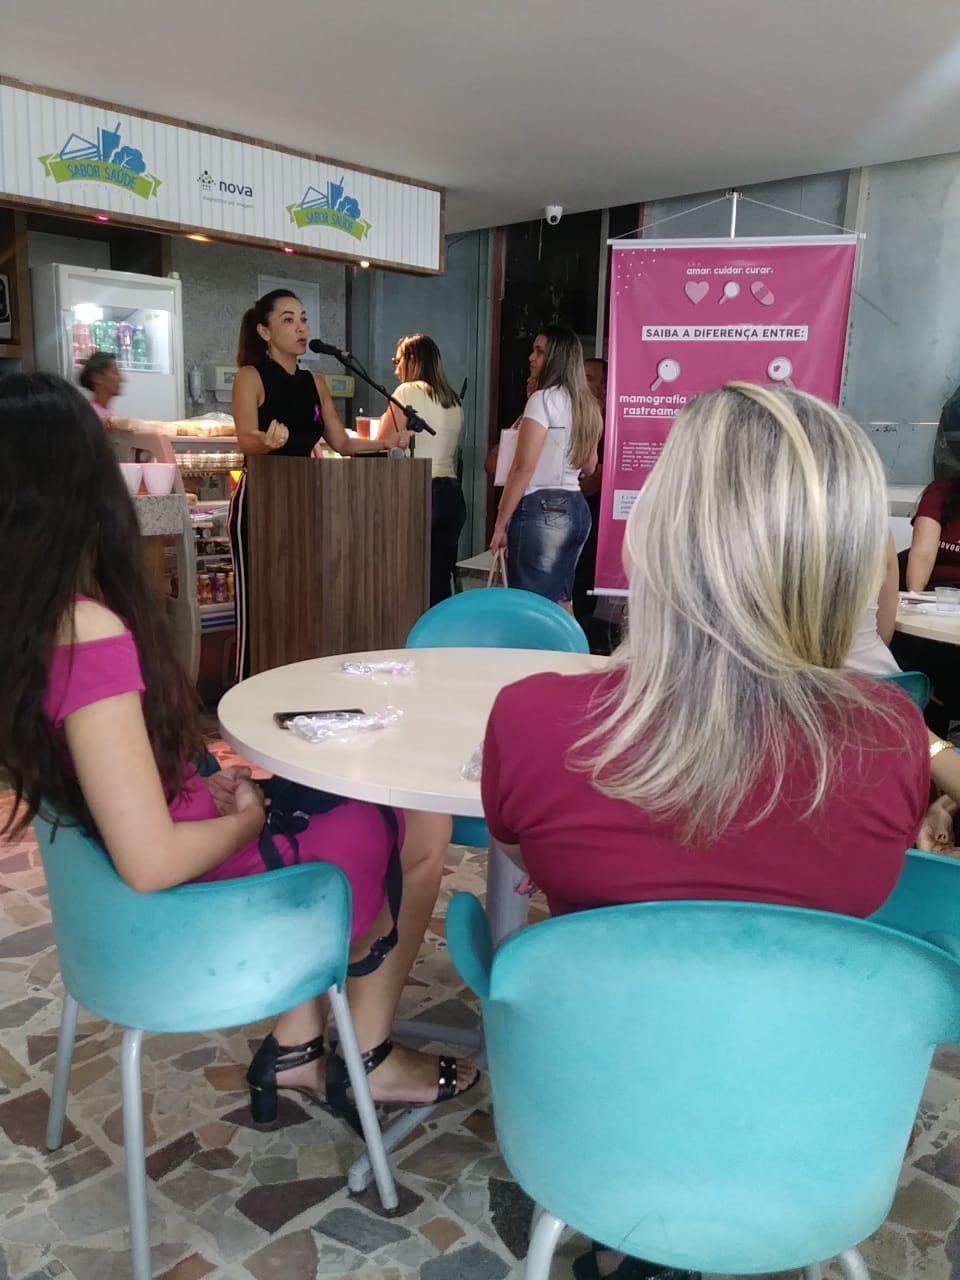 WhatsApp Image 2018 10 15 at 22.30.48 - Caixa dos Advogados realiza palestra e oferece mamografias gratuitas para advogadas